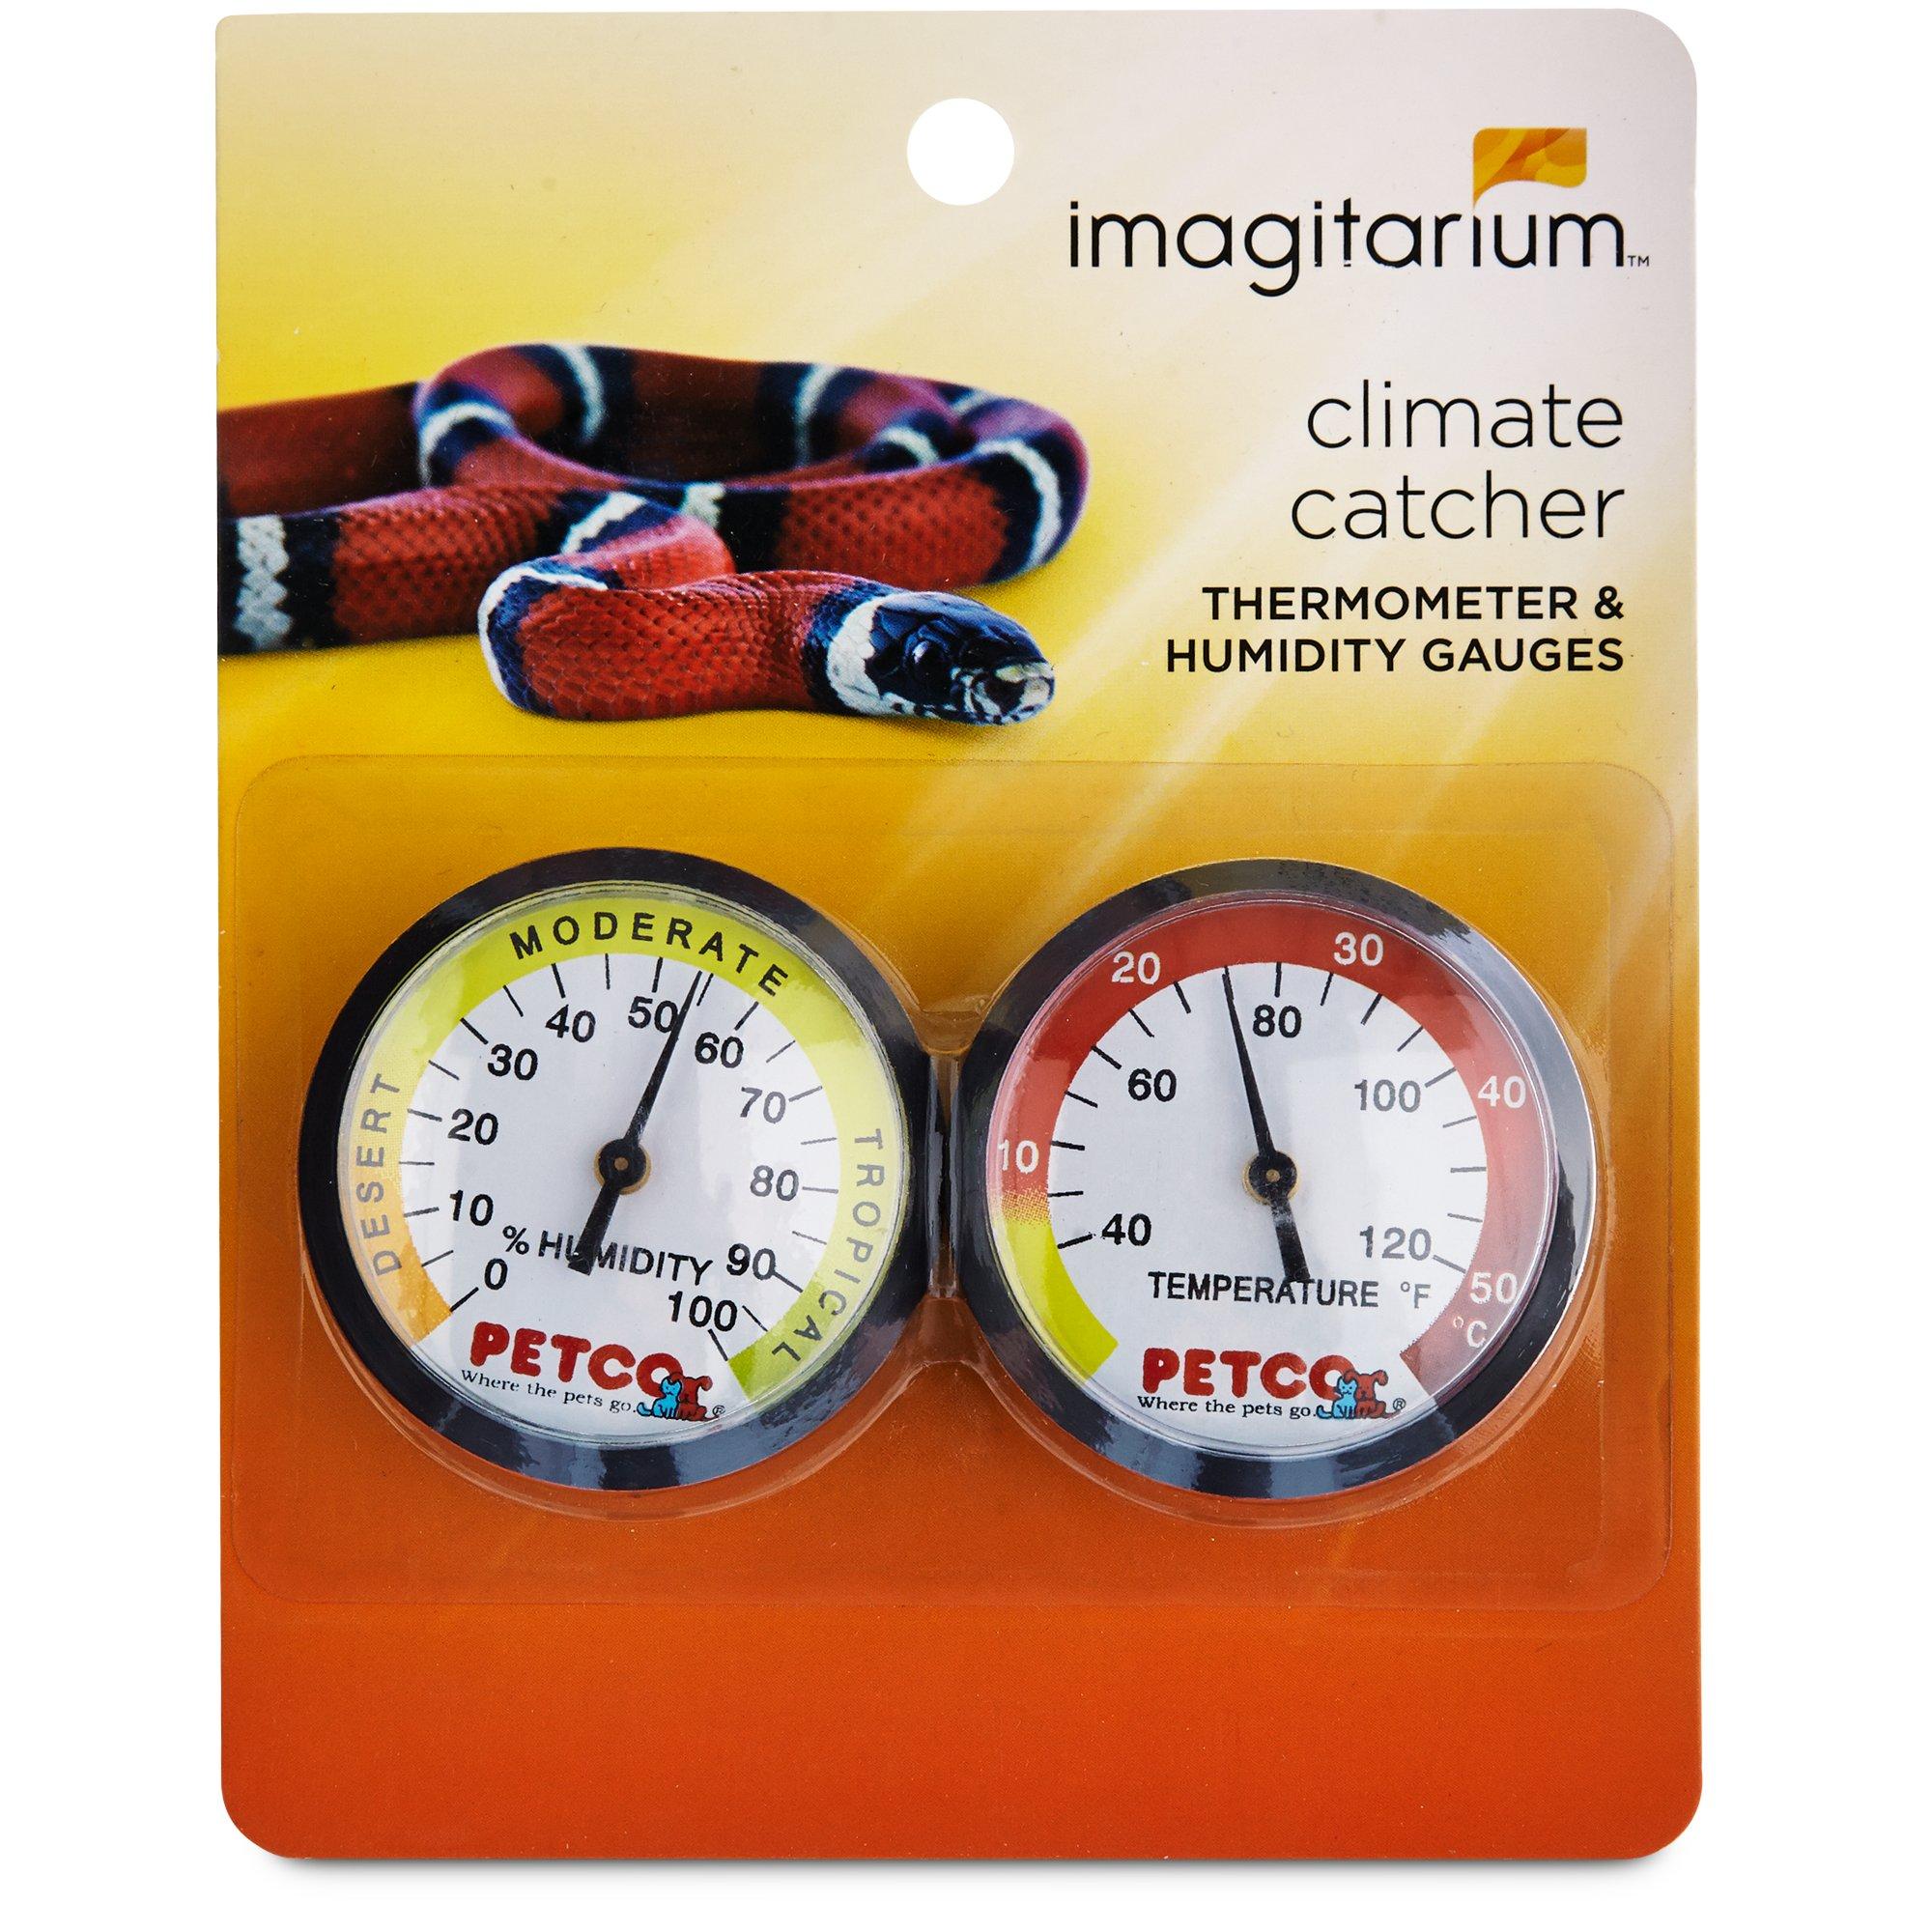 Imagitarium Thermometer Humidity Gauge Combo Pack